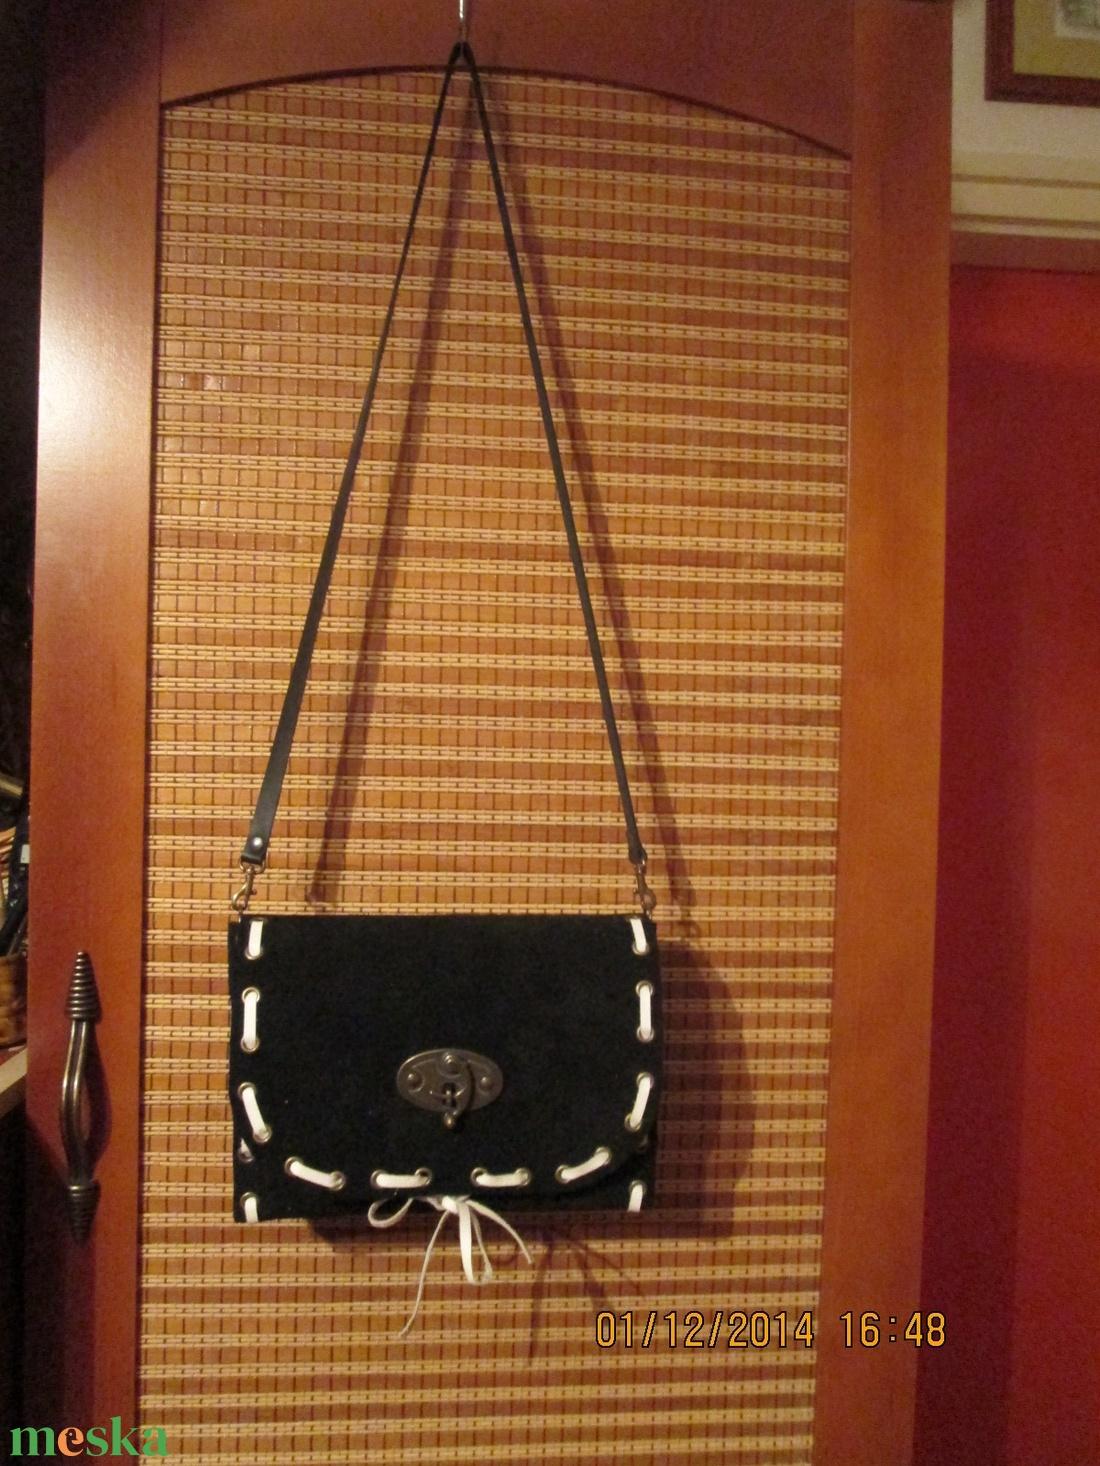 Fekete alkalmi táska választható bőrfűzéssel (spalti51) - Meska.hu 3cbade2643